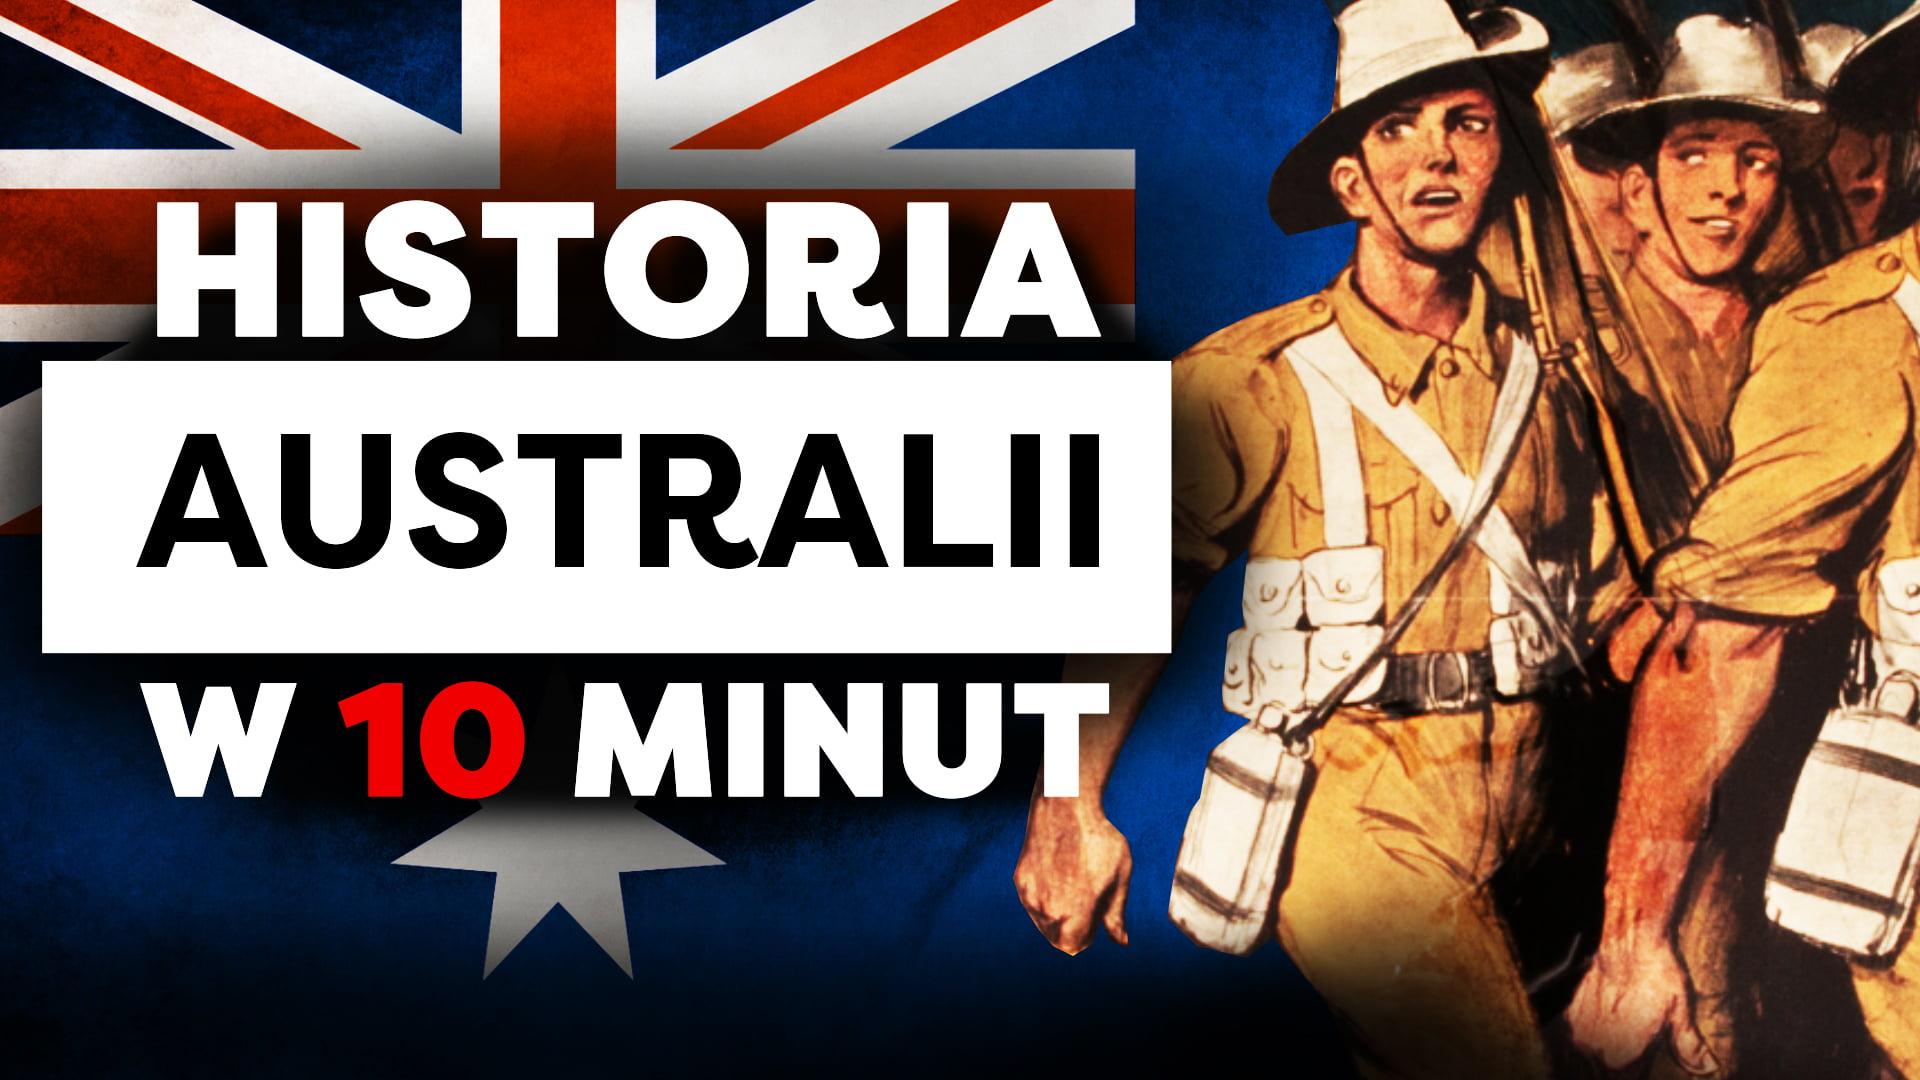 _australia